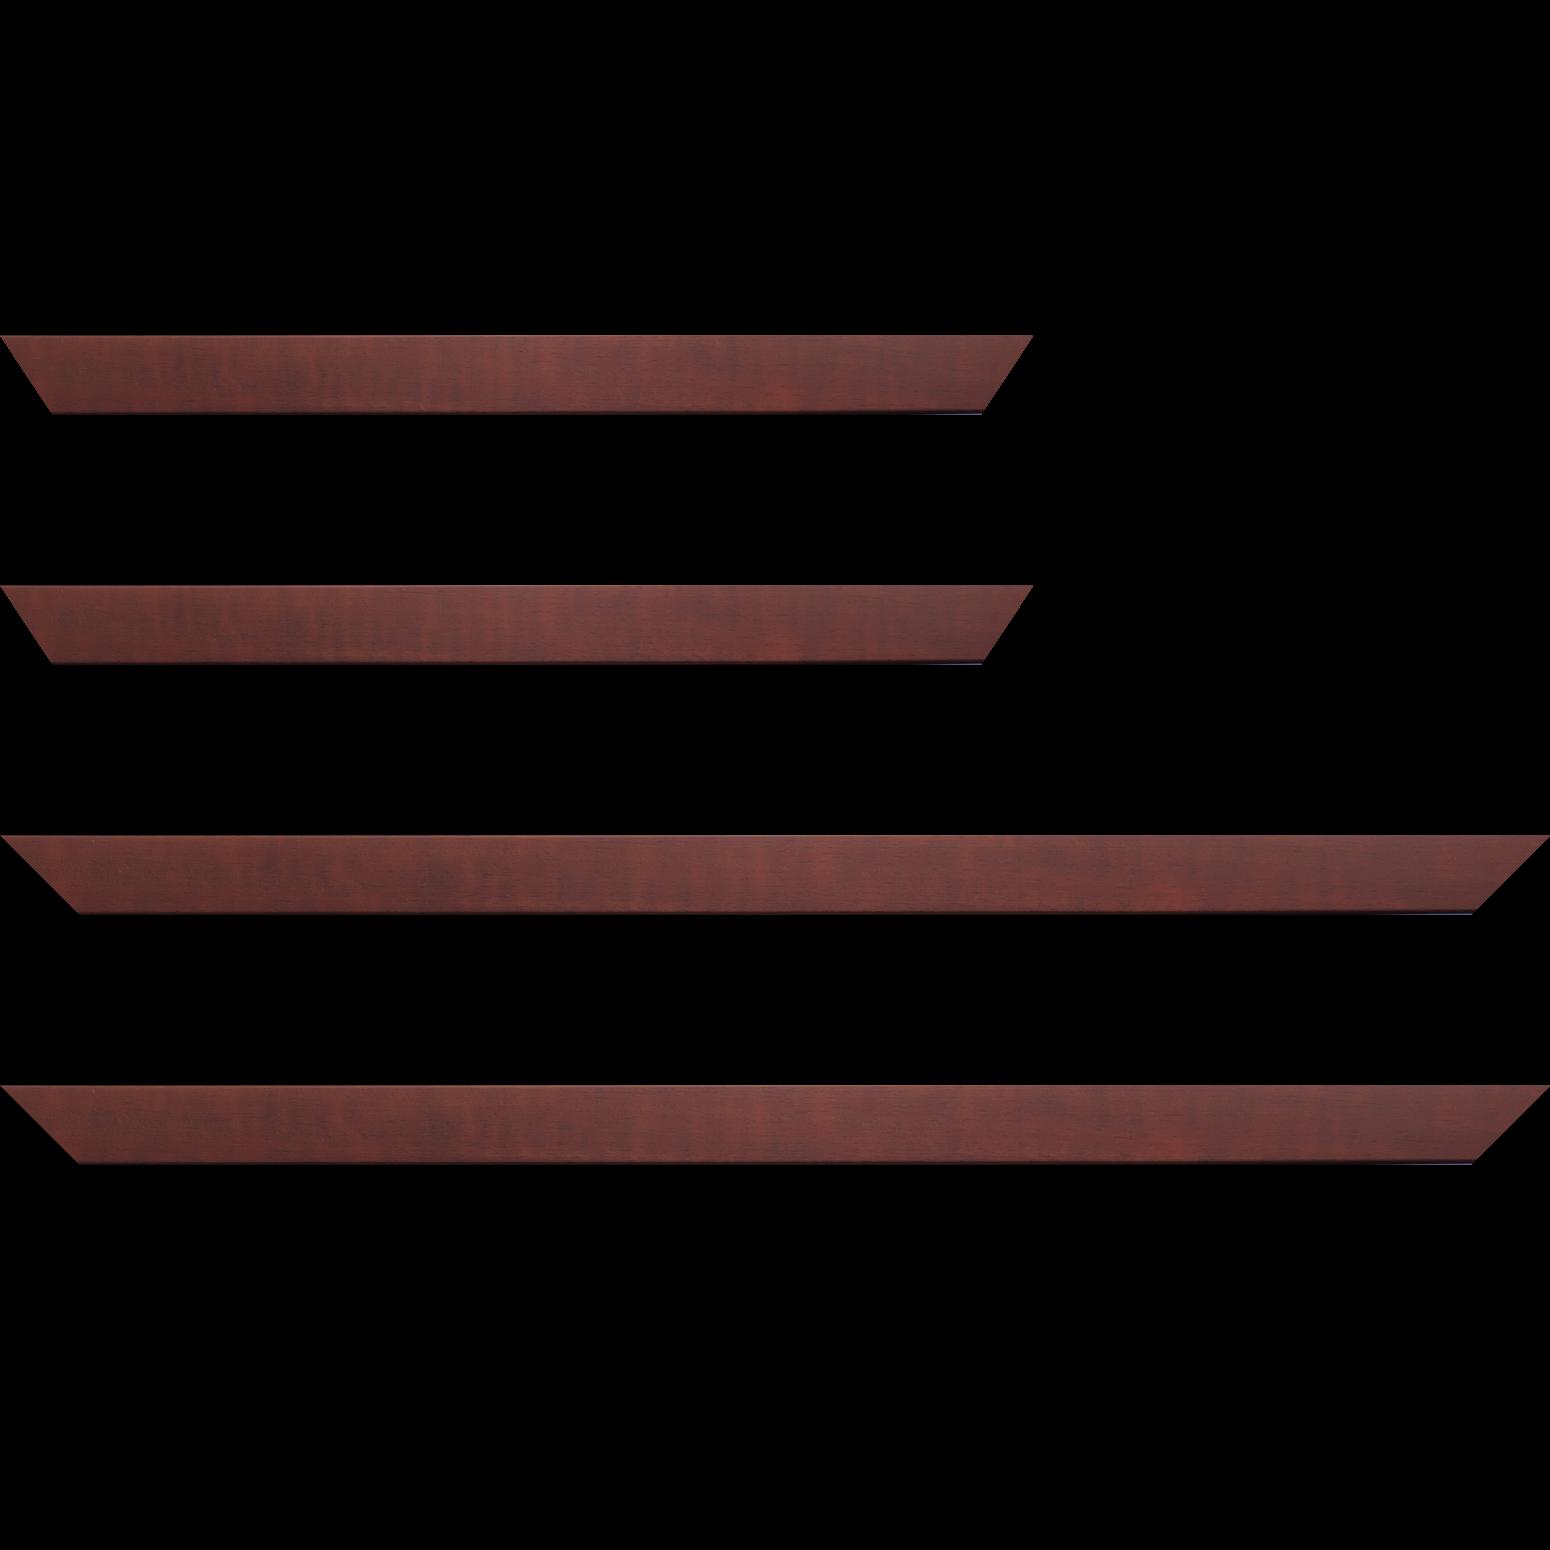 Baguette service précoupé bois profil plat largeur 2.5cm couleur bordeaux satiné